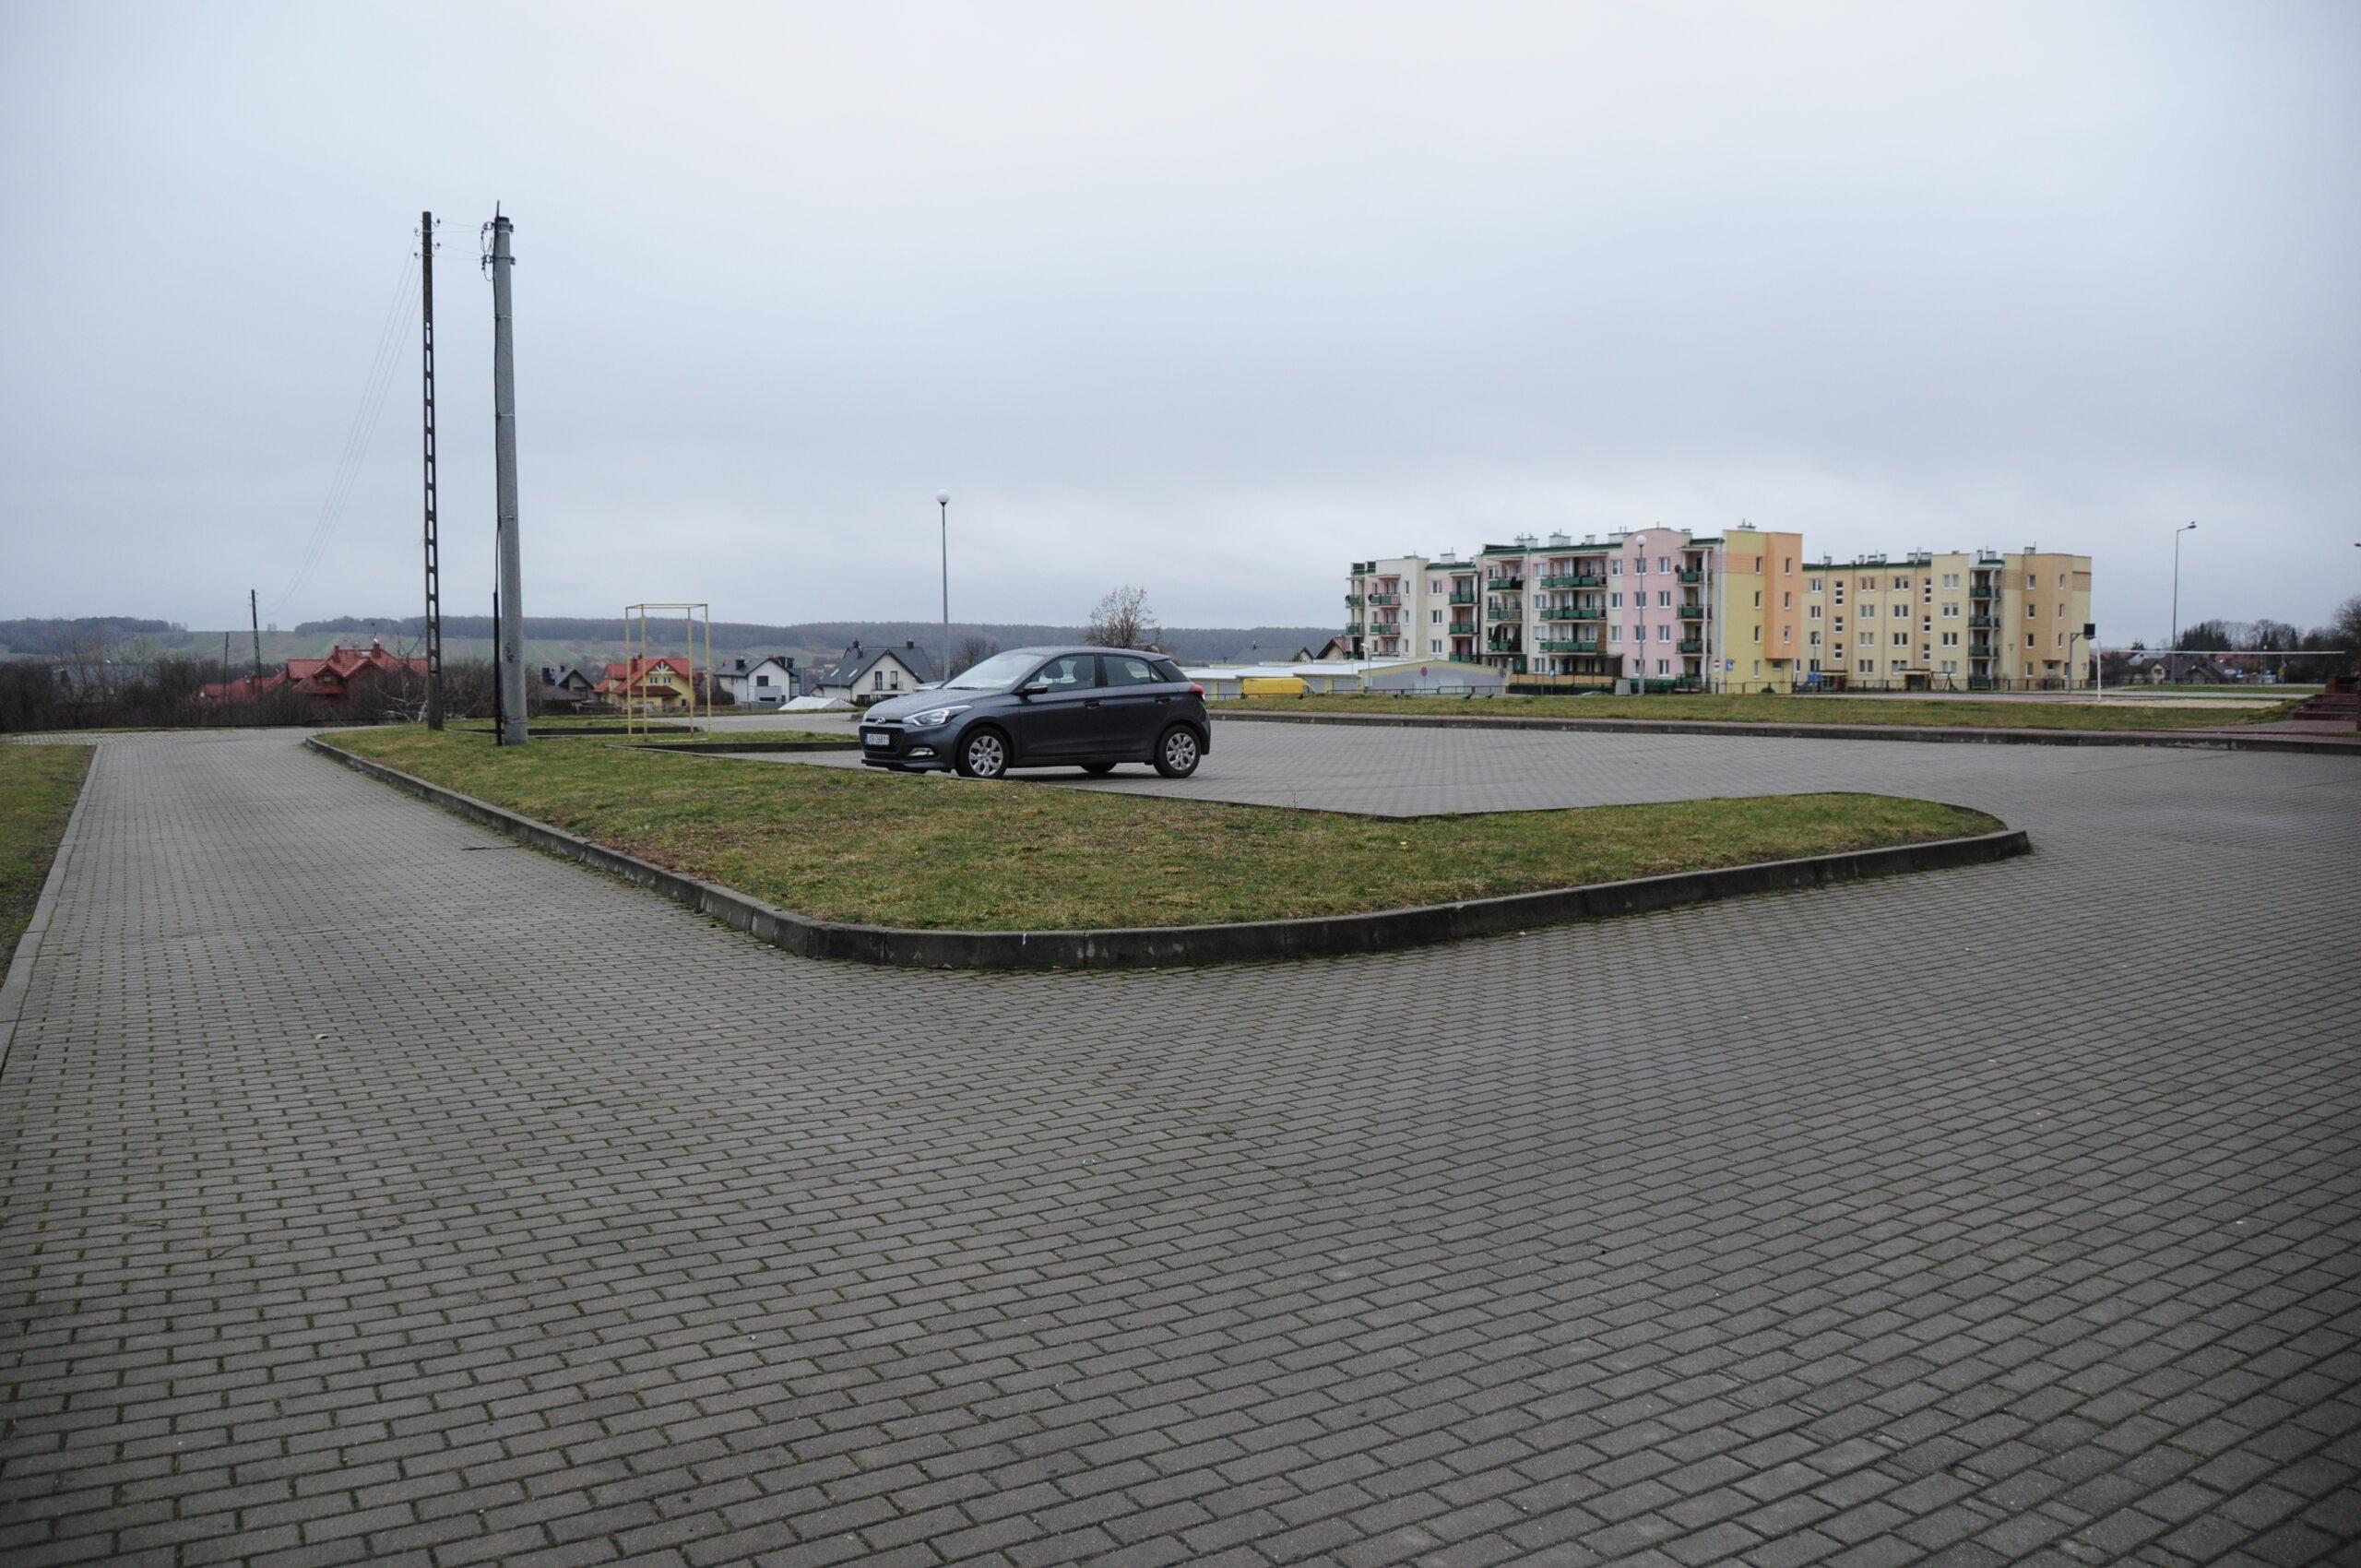 Zdjęcie przedstawia parking przy hali sportowej